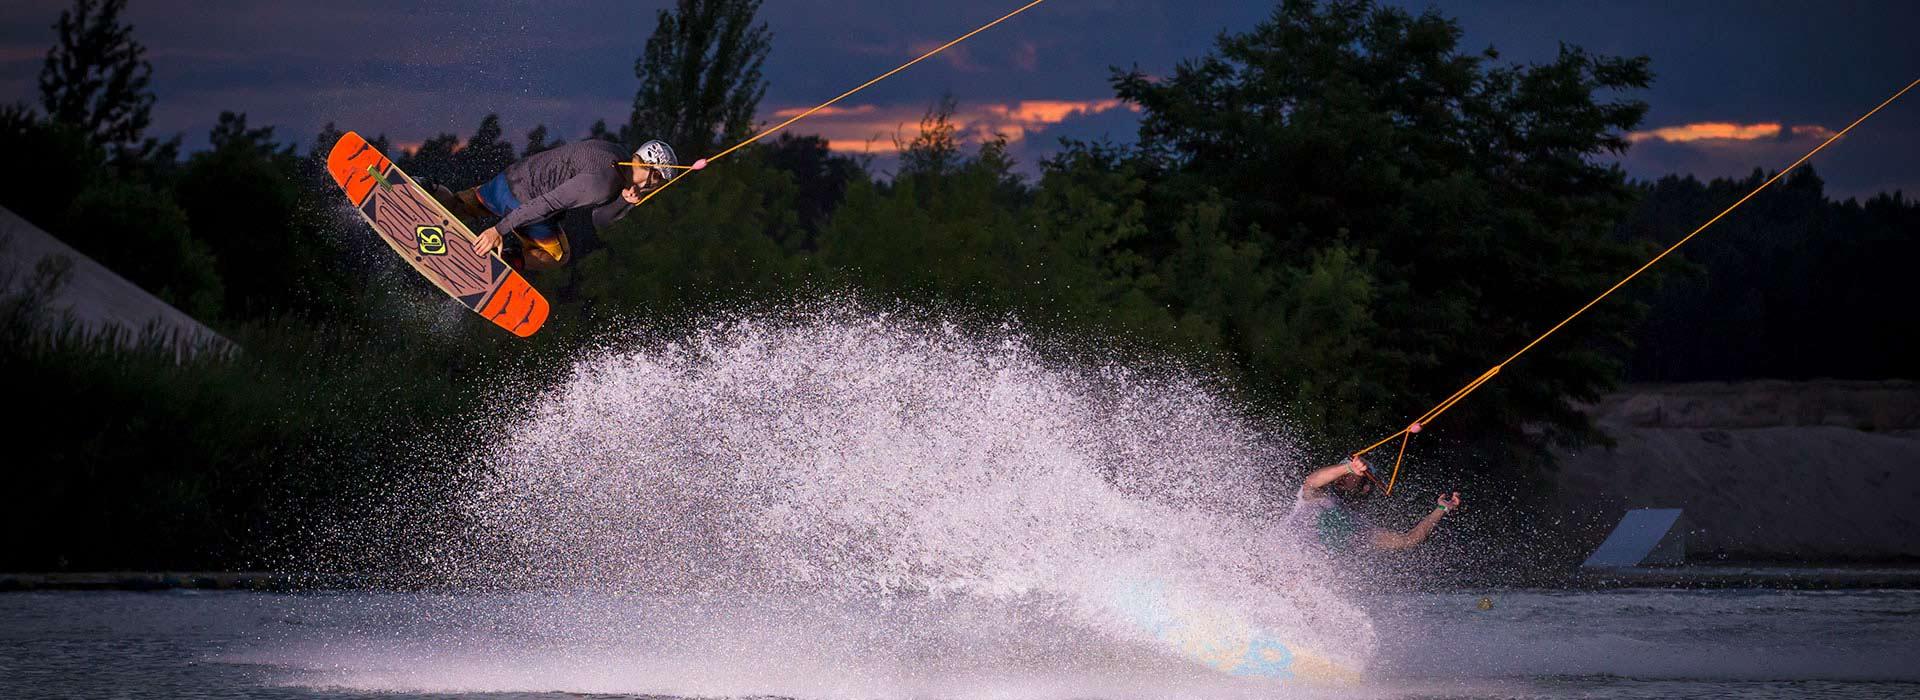 Wakeboard Events im Wasserskipark Possen Berlin und Brandenburg